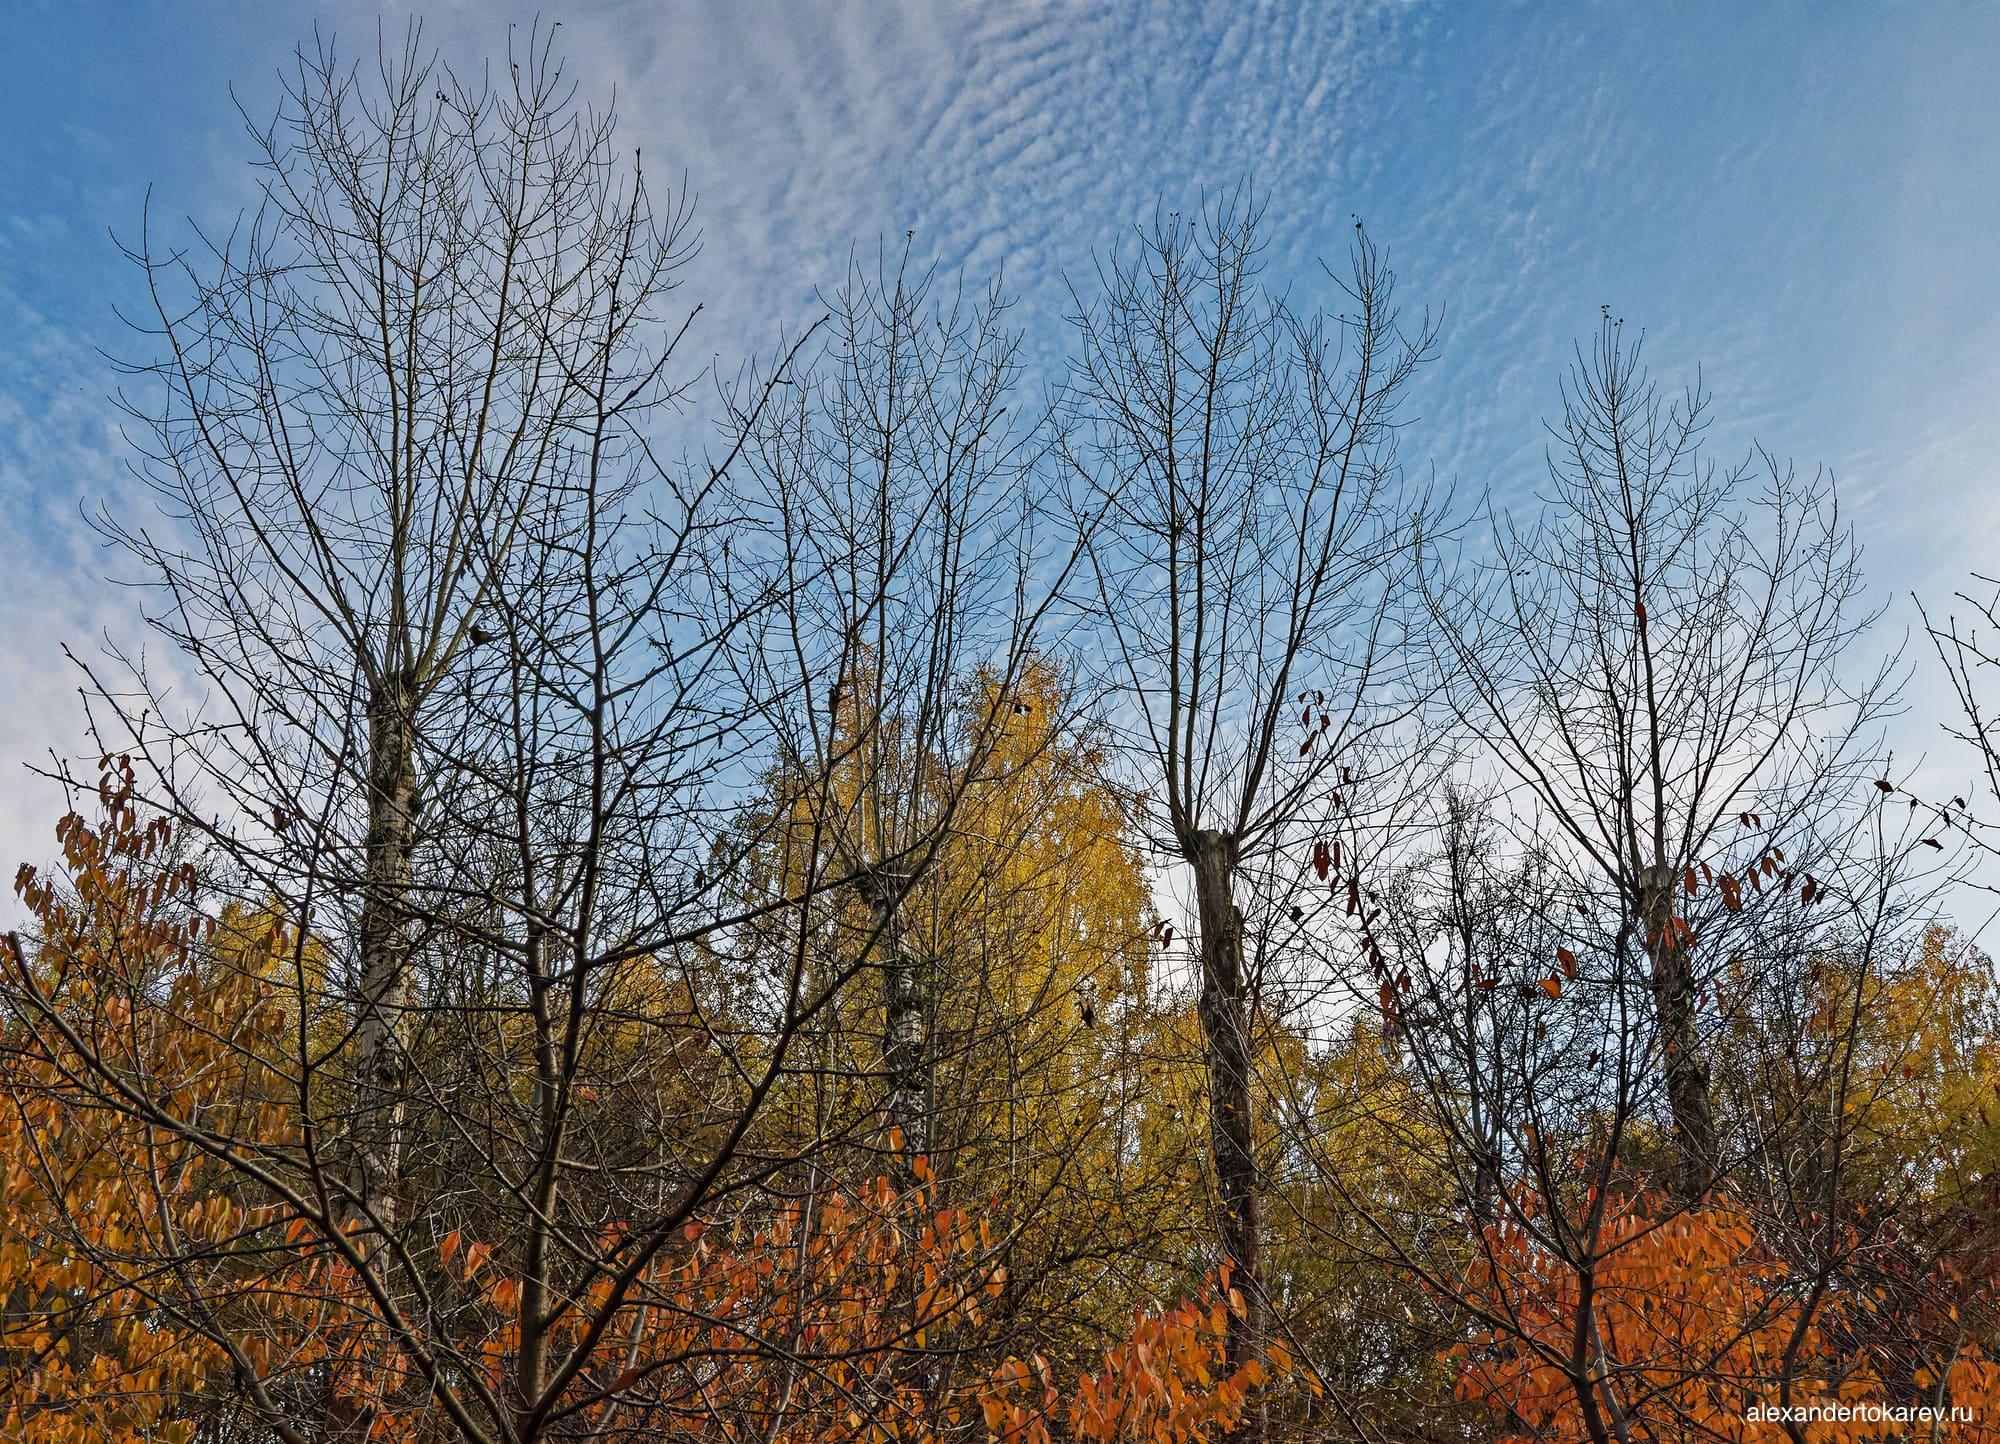 Тополя в Бирюлёвском дендропарке